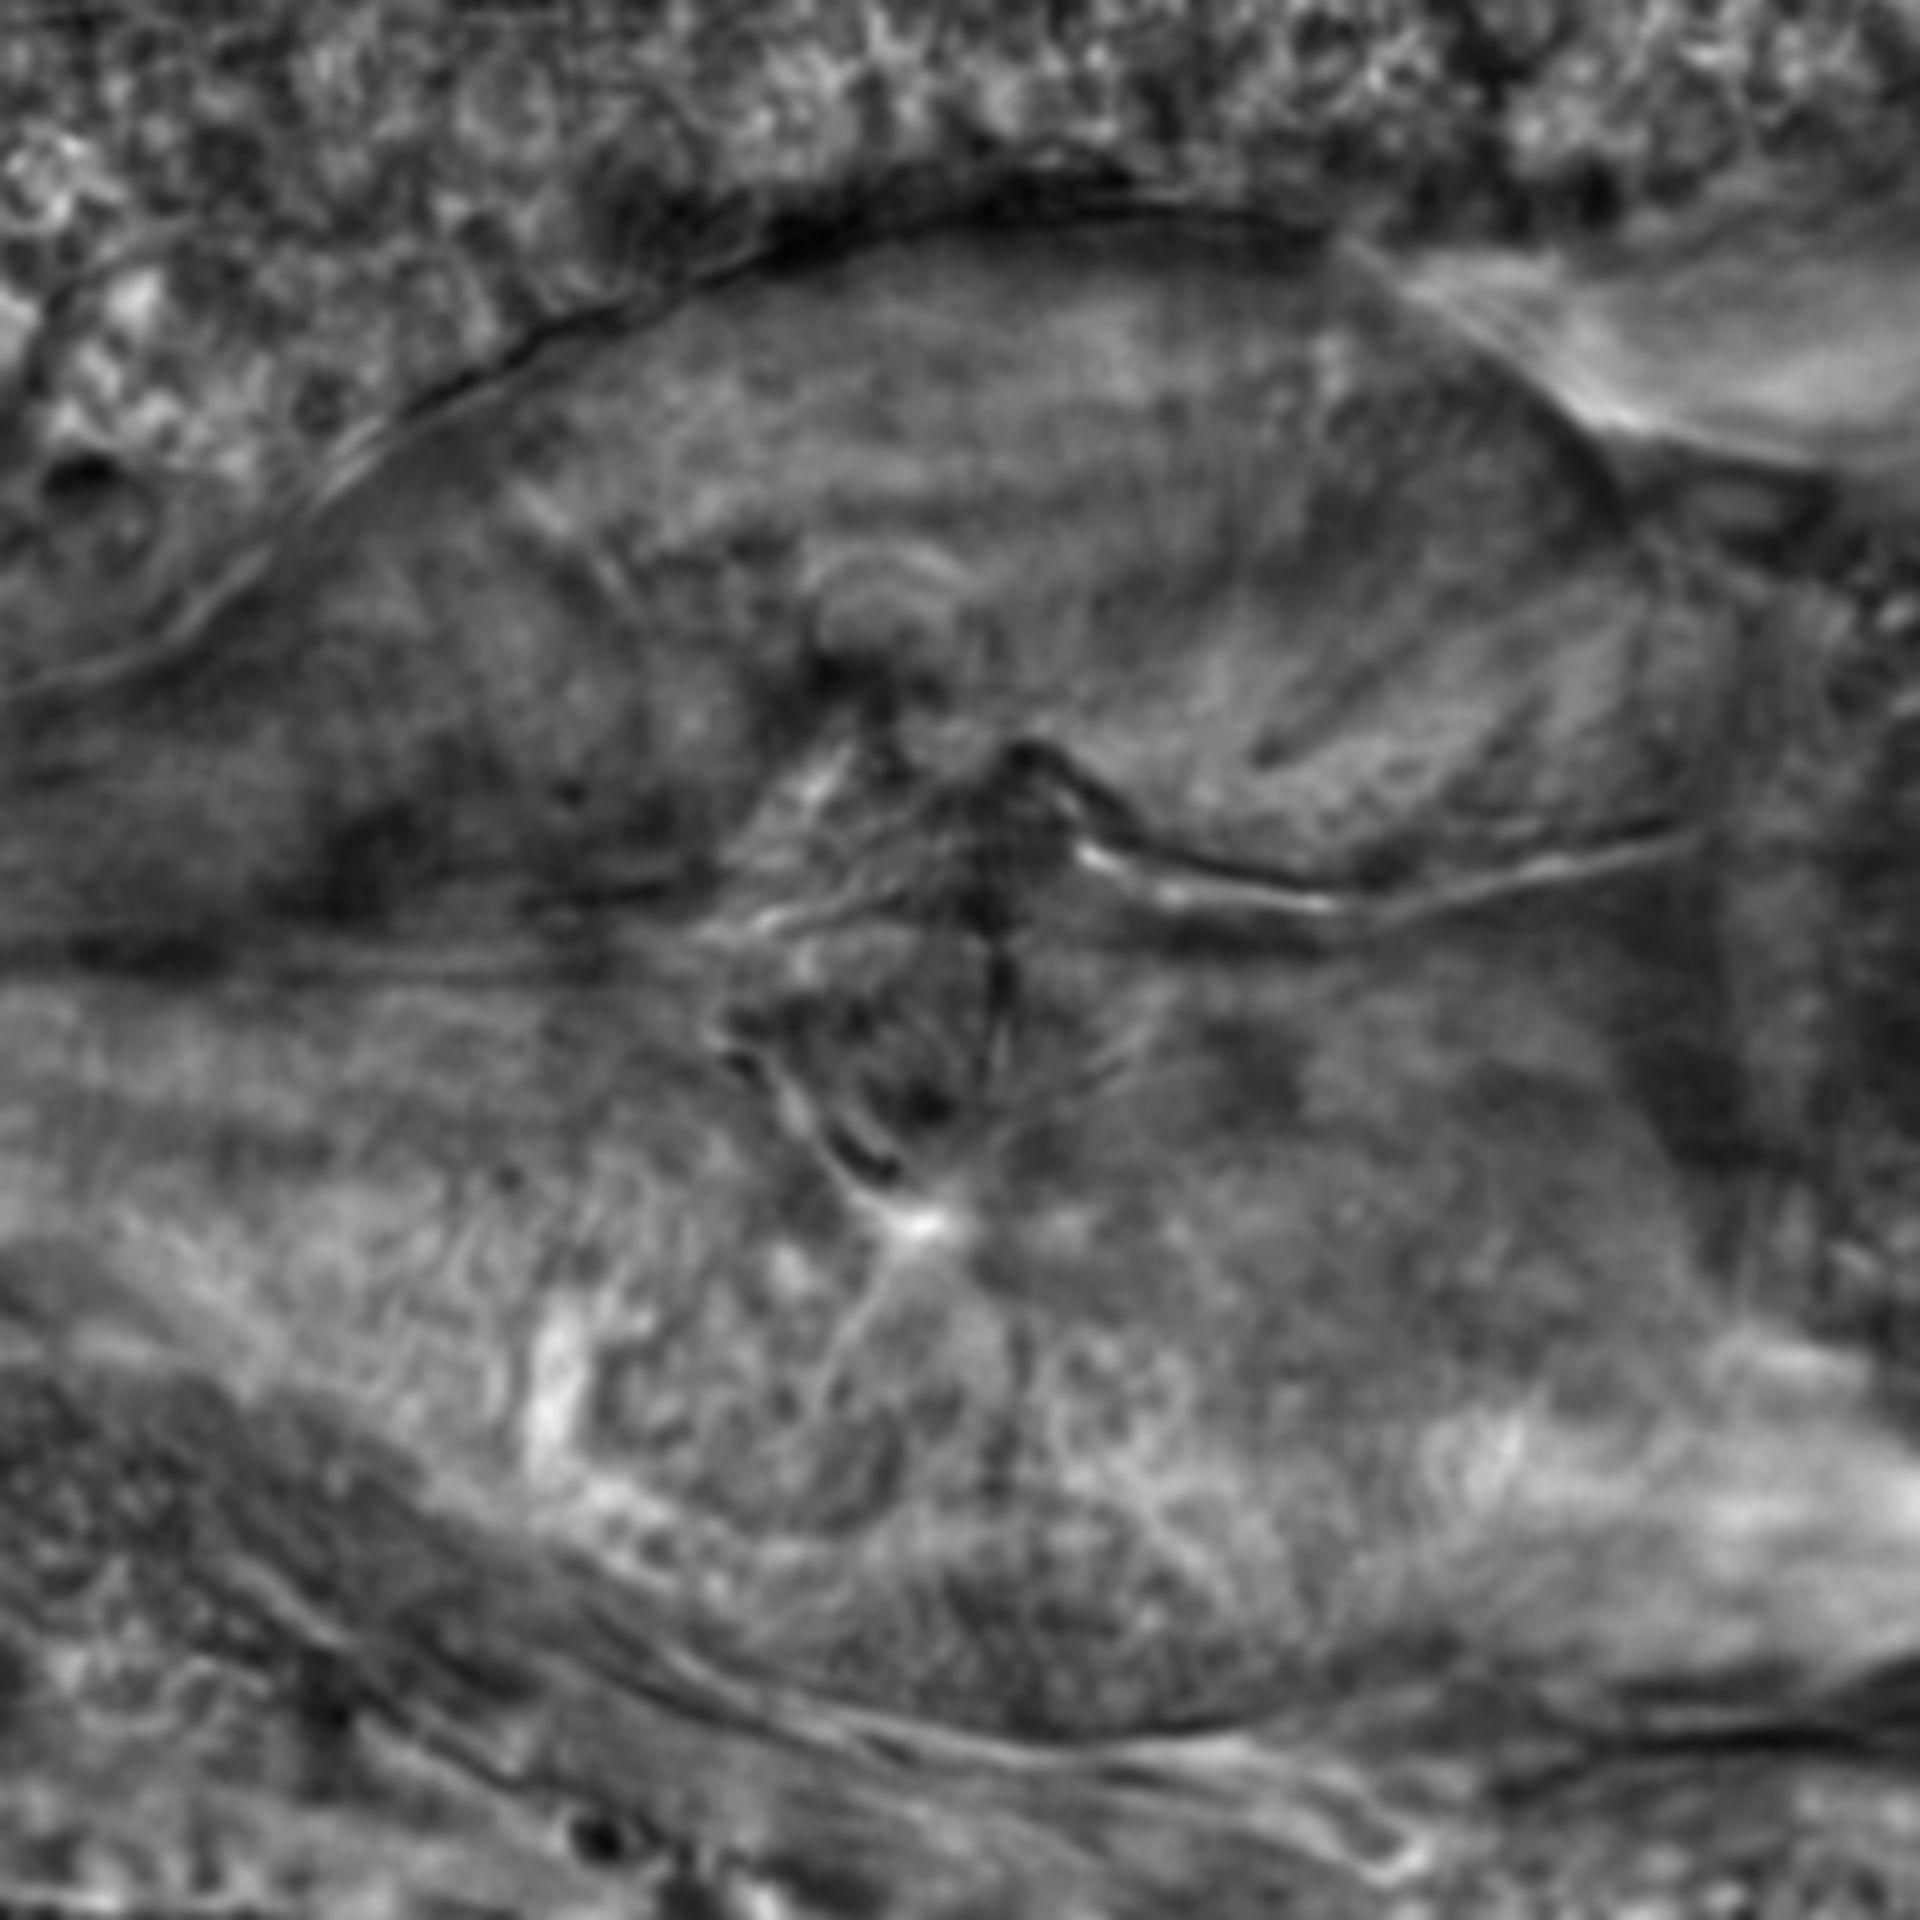 Caenorhabditis elegans - CIL:2796